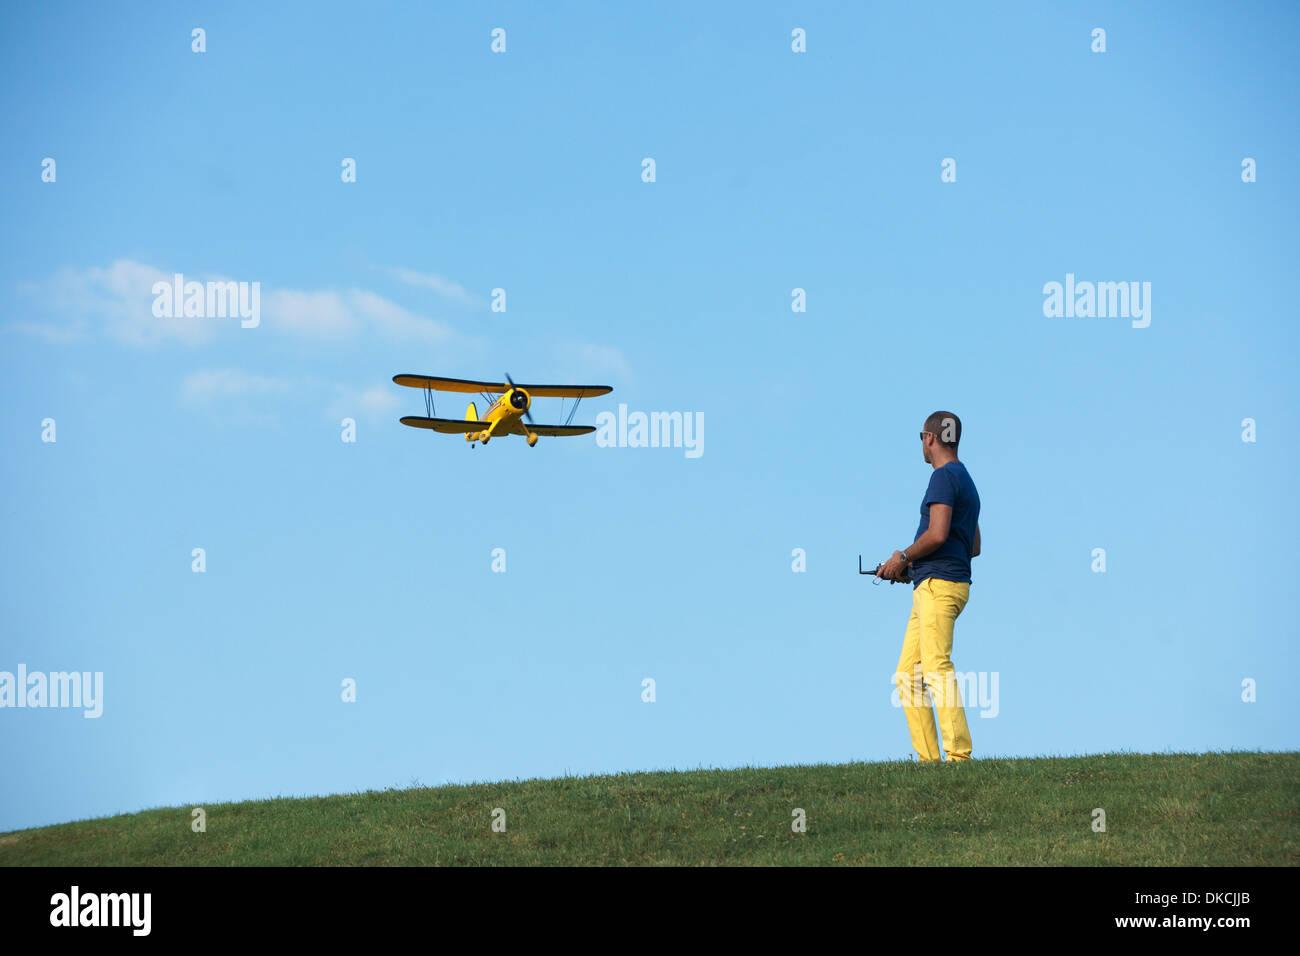 Hombre volando avión modelo Imagen De Stock